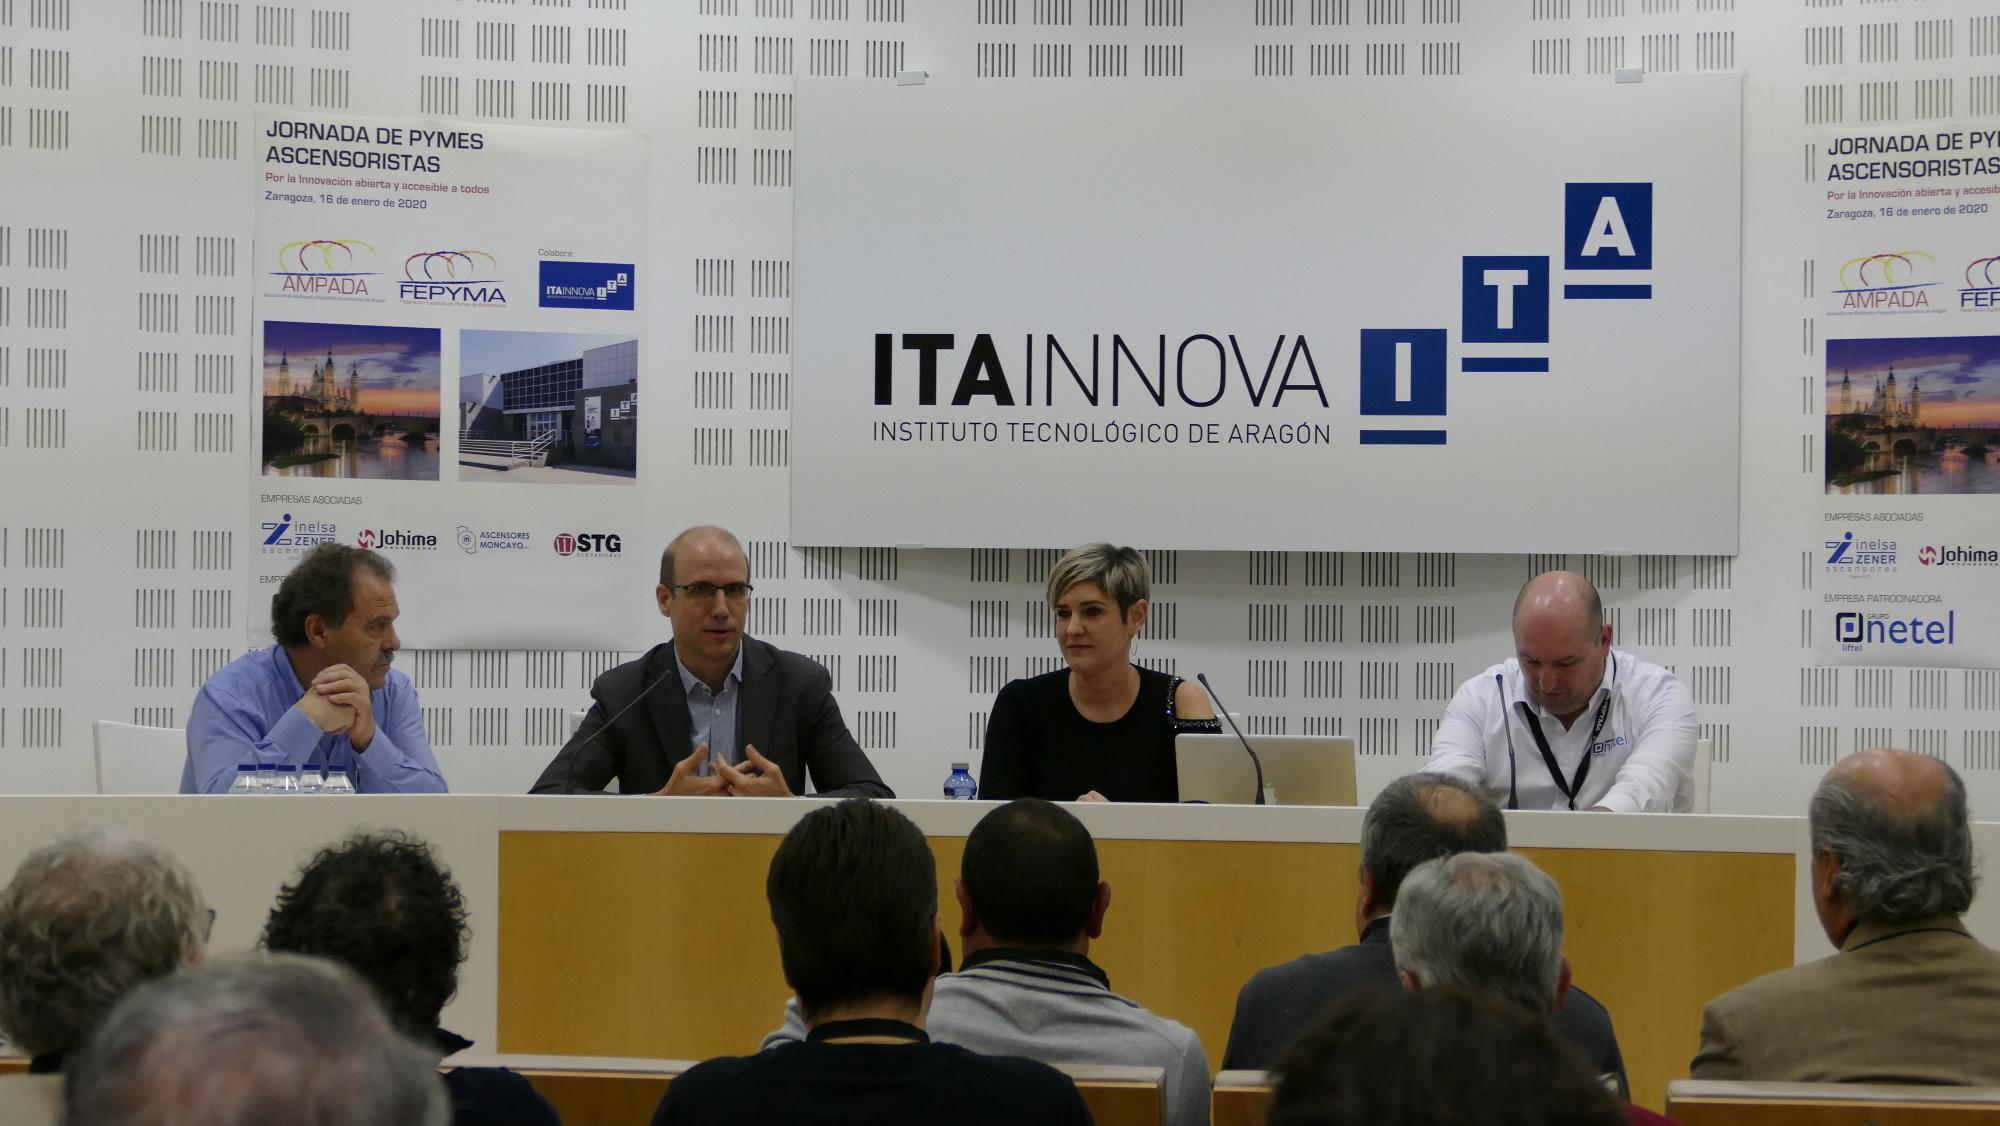 ITAINNOVA presenta los retos tecnológicos y protocolos de seguridad en el ascensor conectado